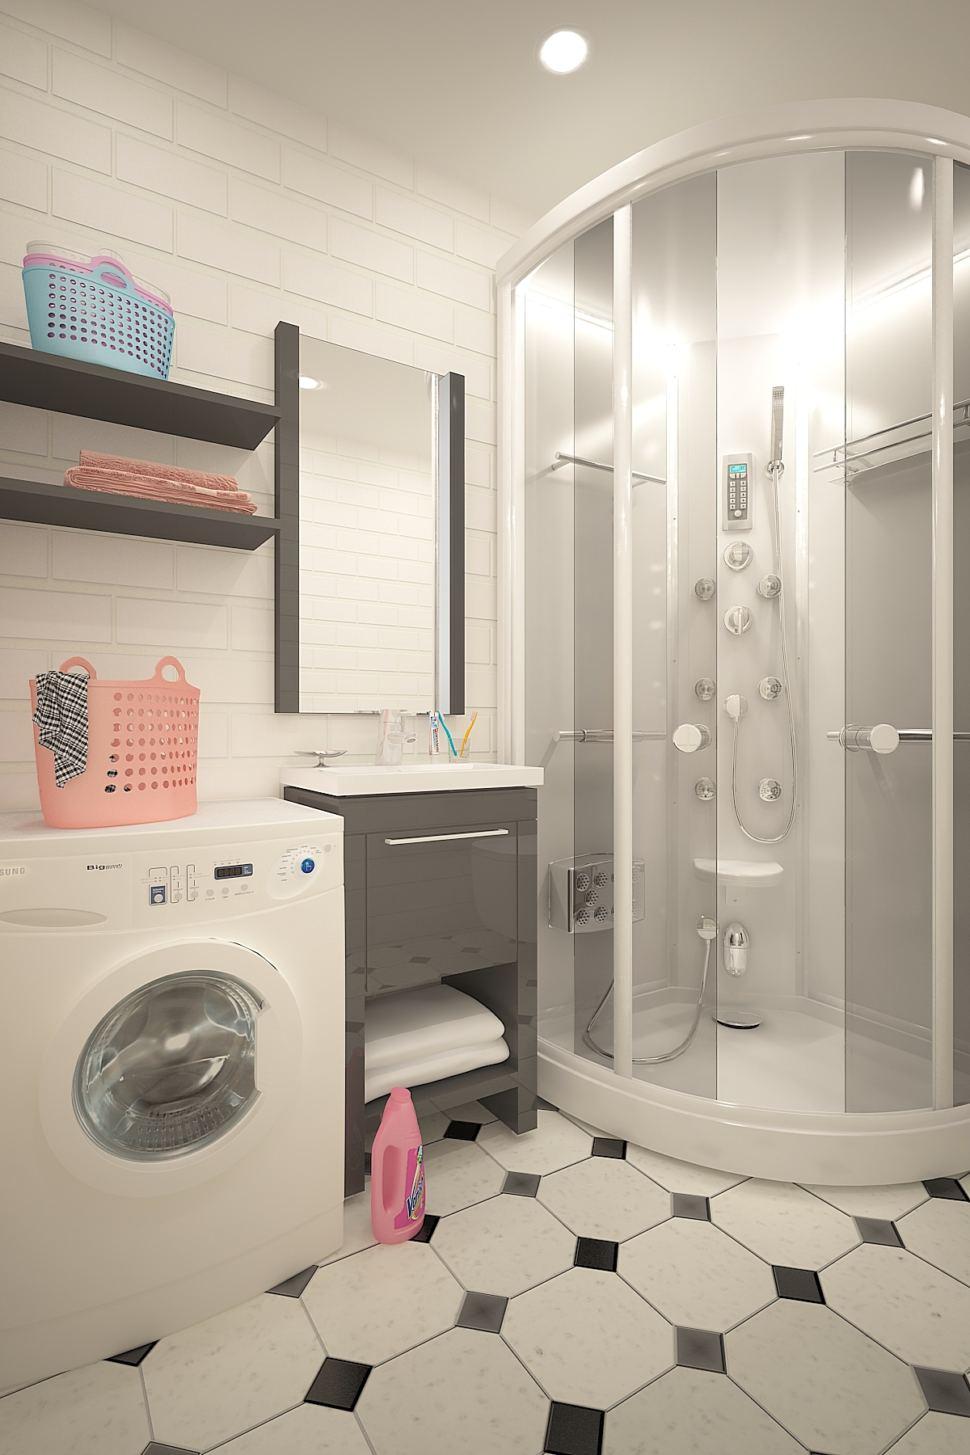 Дизайн душевой 4 кв.м в светлых оттенках с темными акцентами, зеркало, стиральная машина, душевая, мойка, унитаз, керамическая плитка